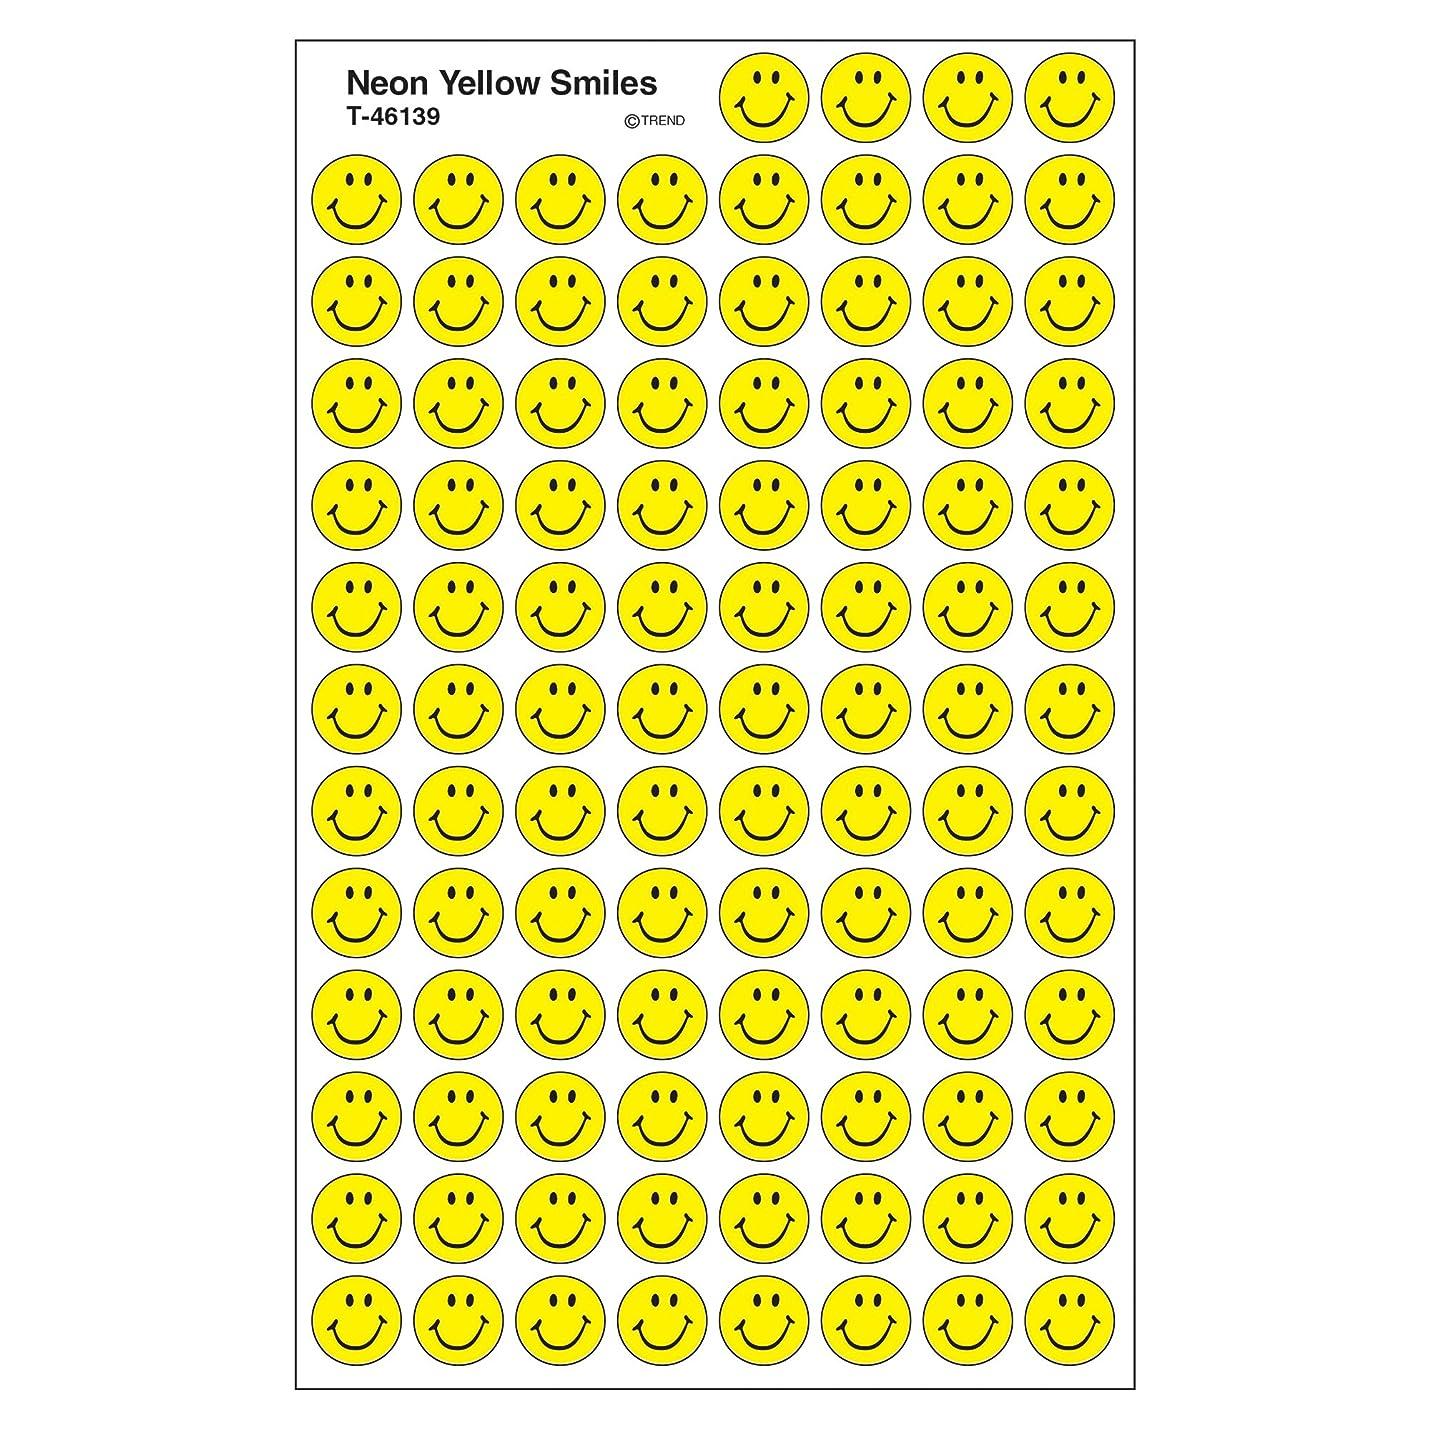 ペンうねる固めるポストイット ジョーブ 捺印ポインター 44x25mm 20枚x2x5個 赤 684P-NH-5P